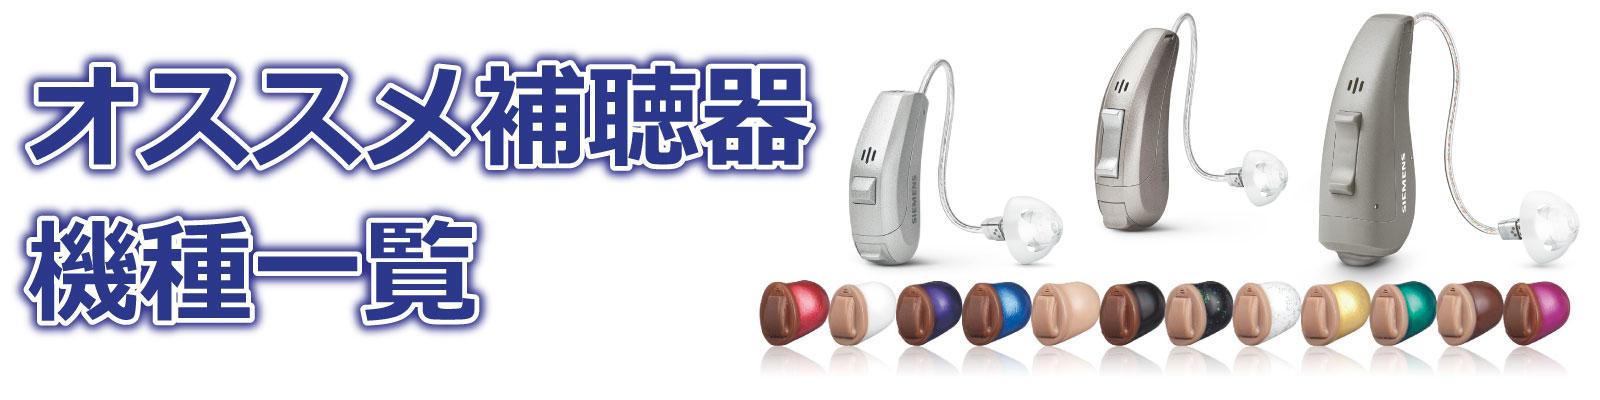 オススメ補聴器機種一覧